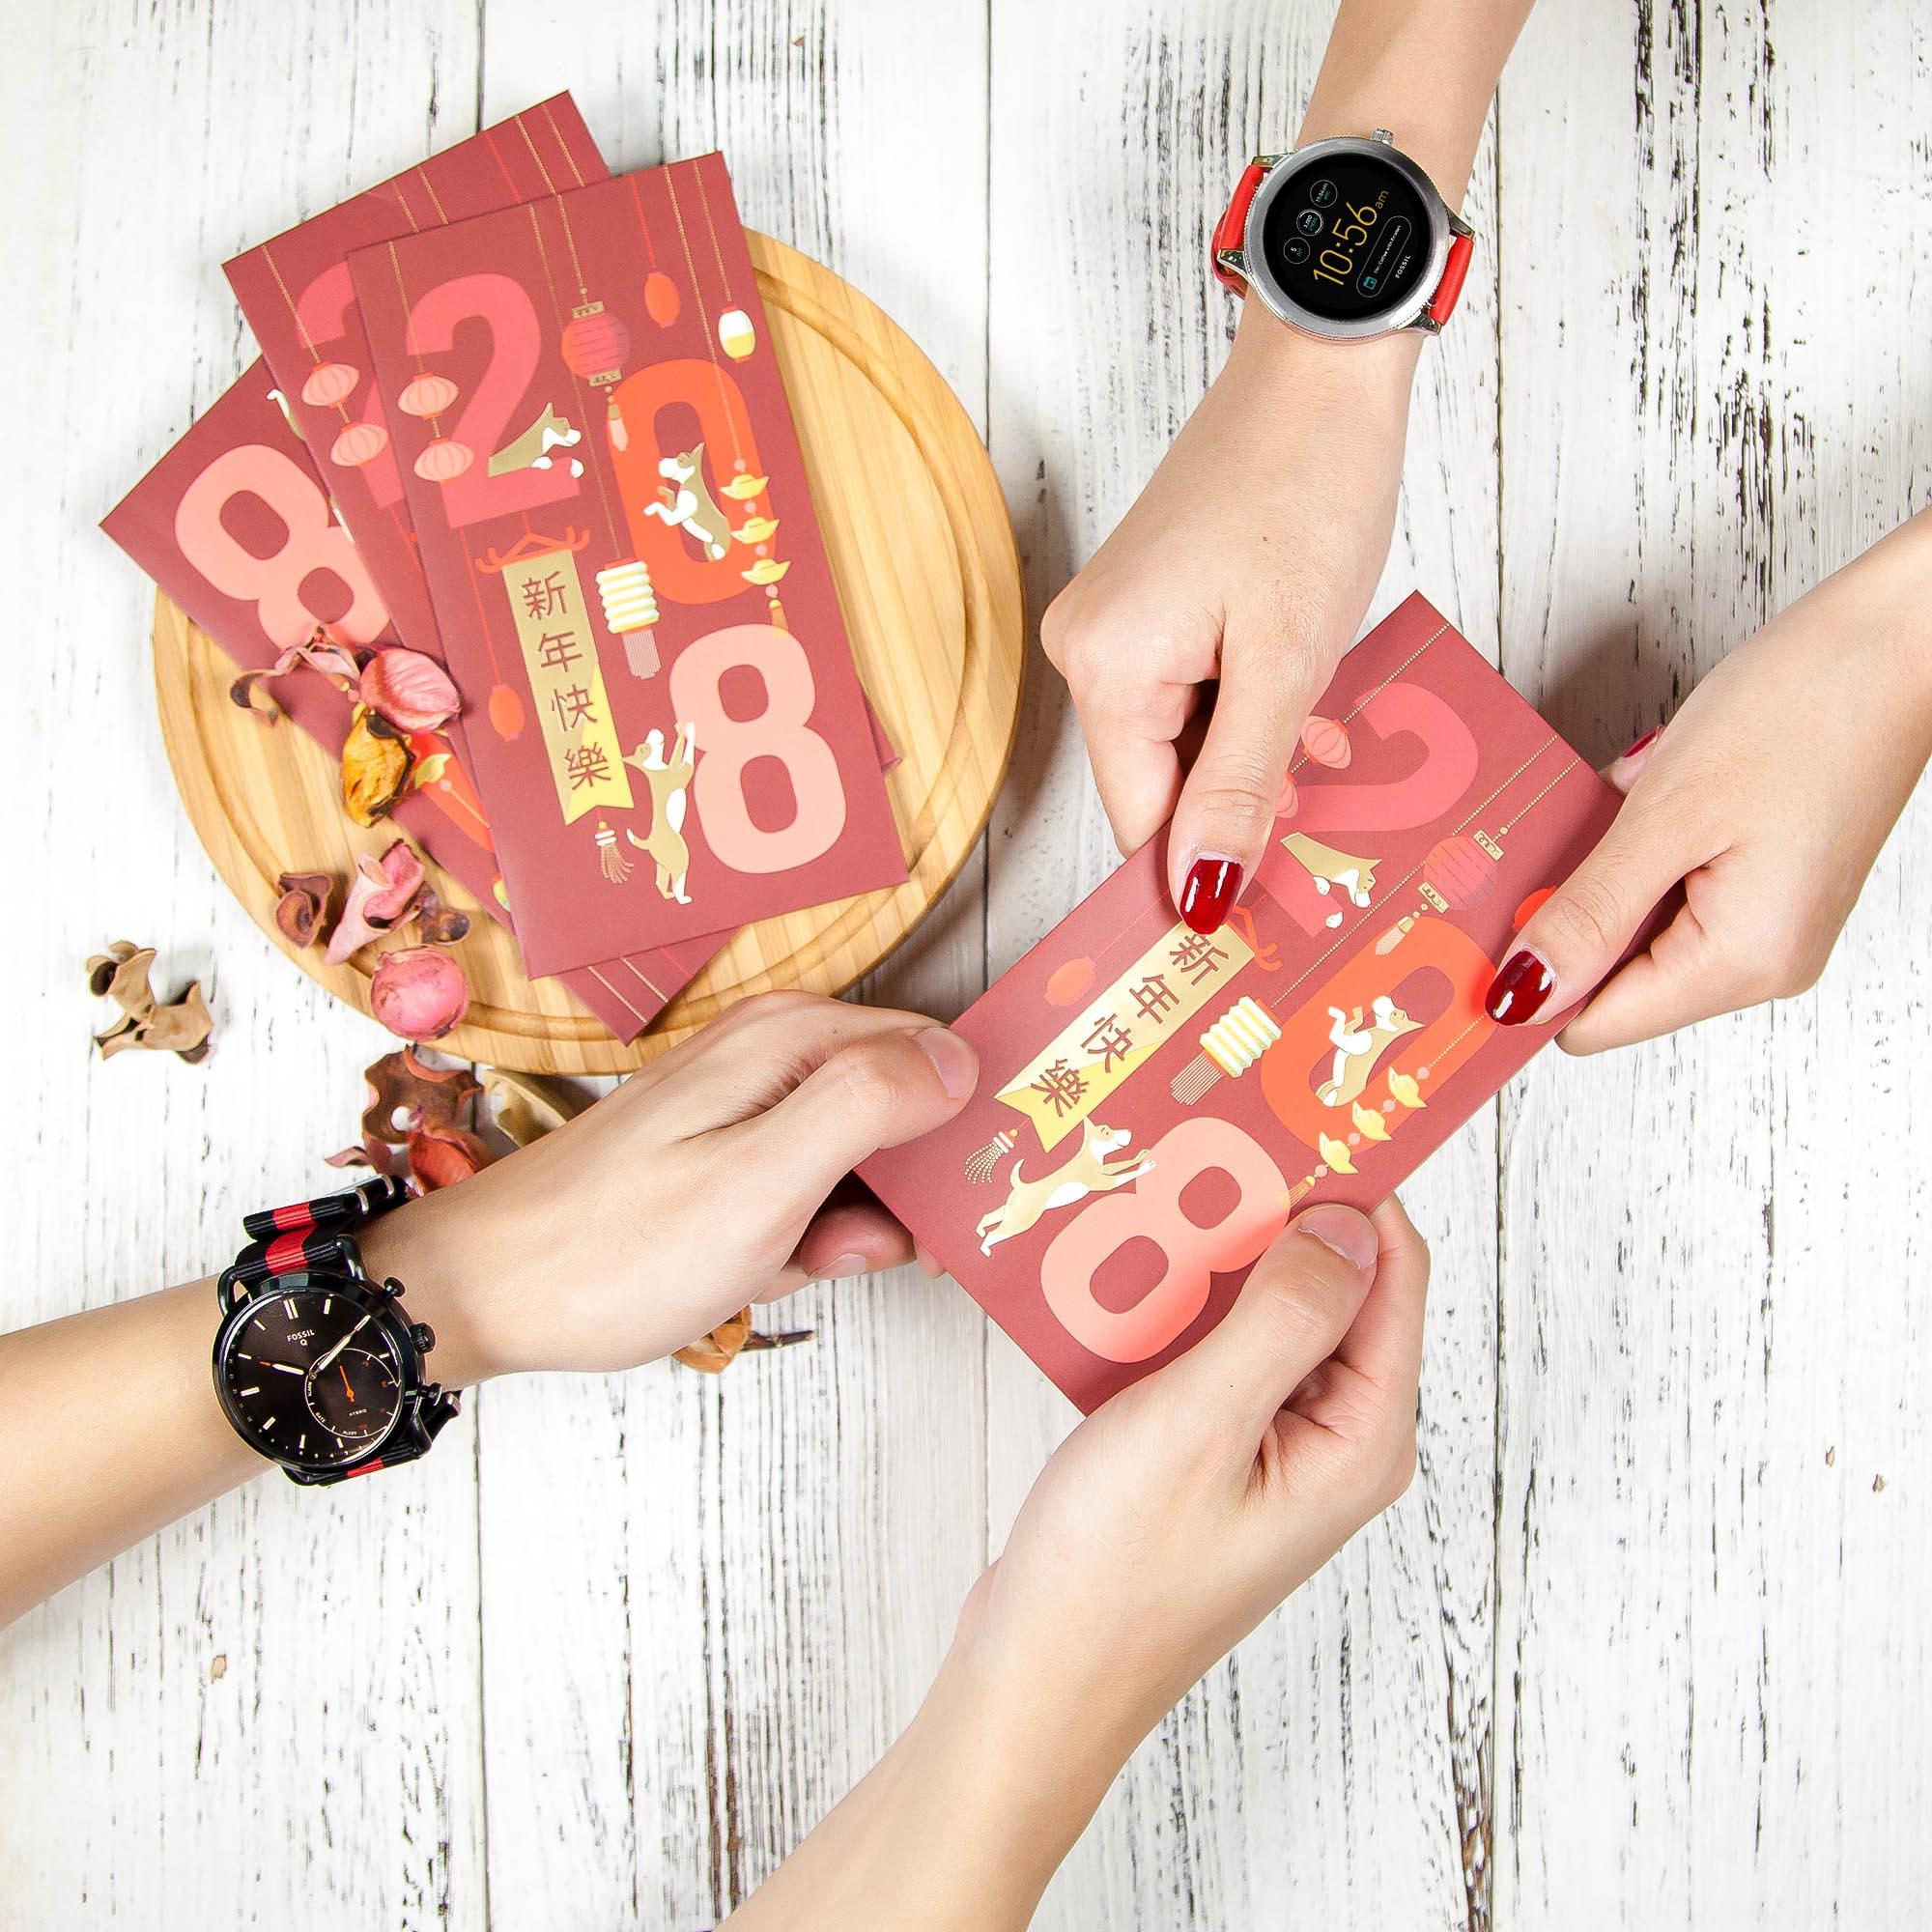 Fossil 限量最「紅」智能手錶 9  折優惠迎狗年新春添喜氣